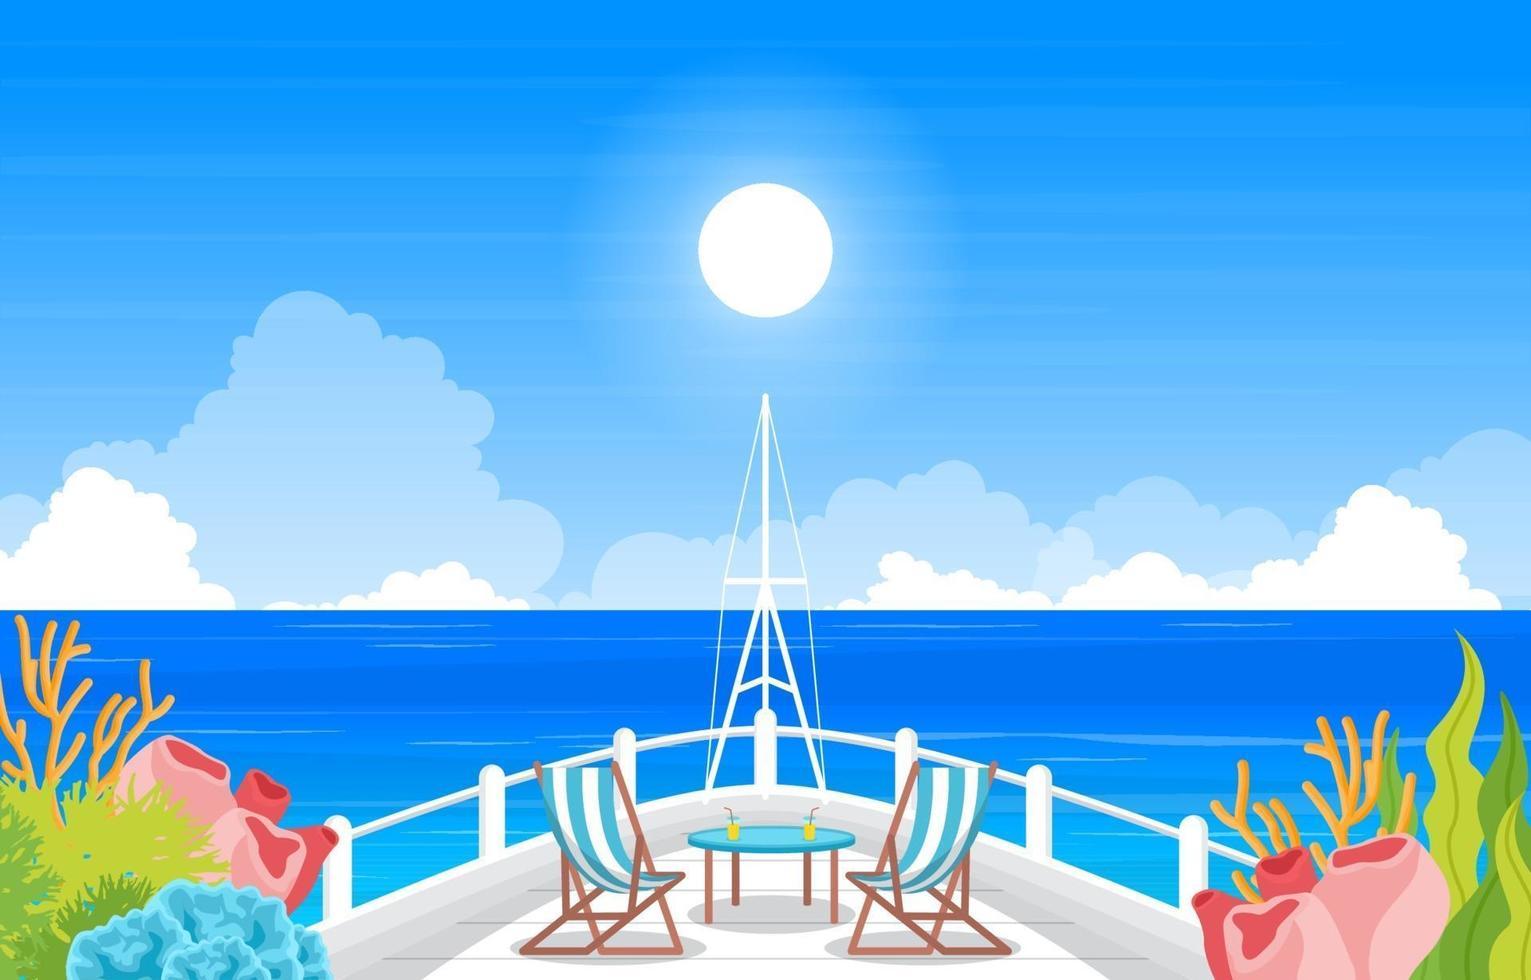 ponte della nave da crociera con l'illustrazione dell'orizzonte dell'oceano vettore